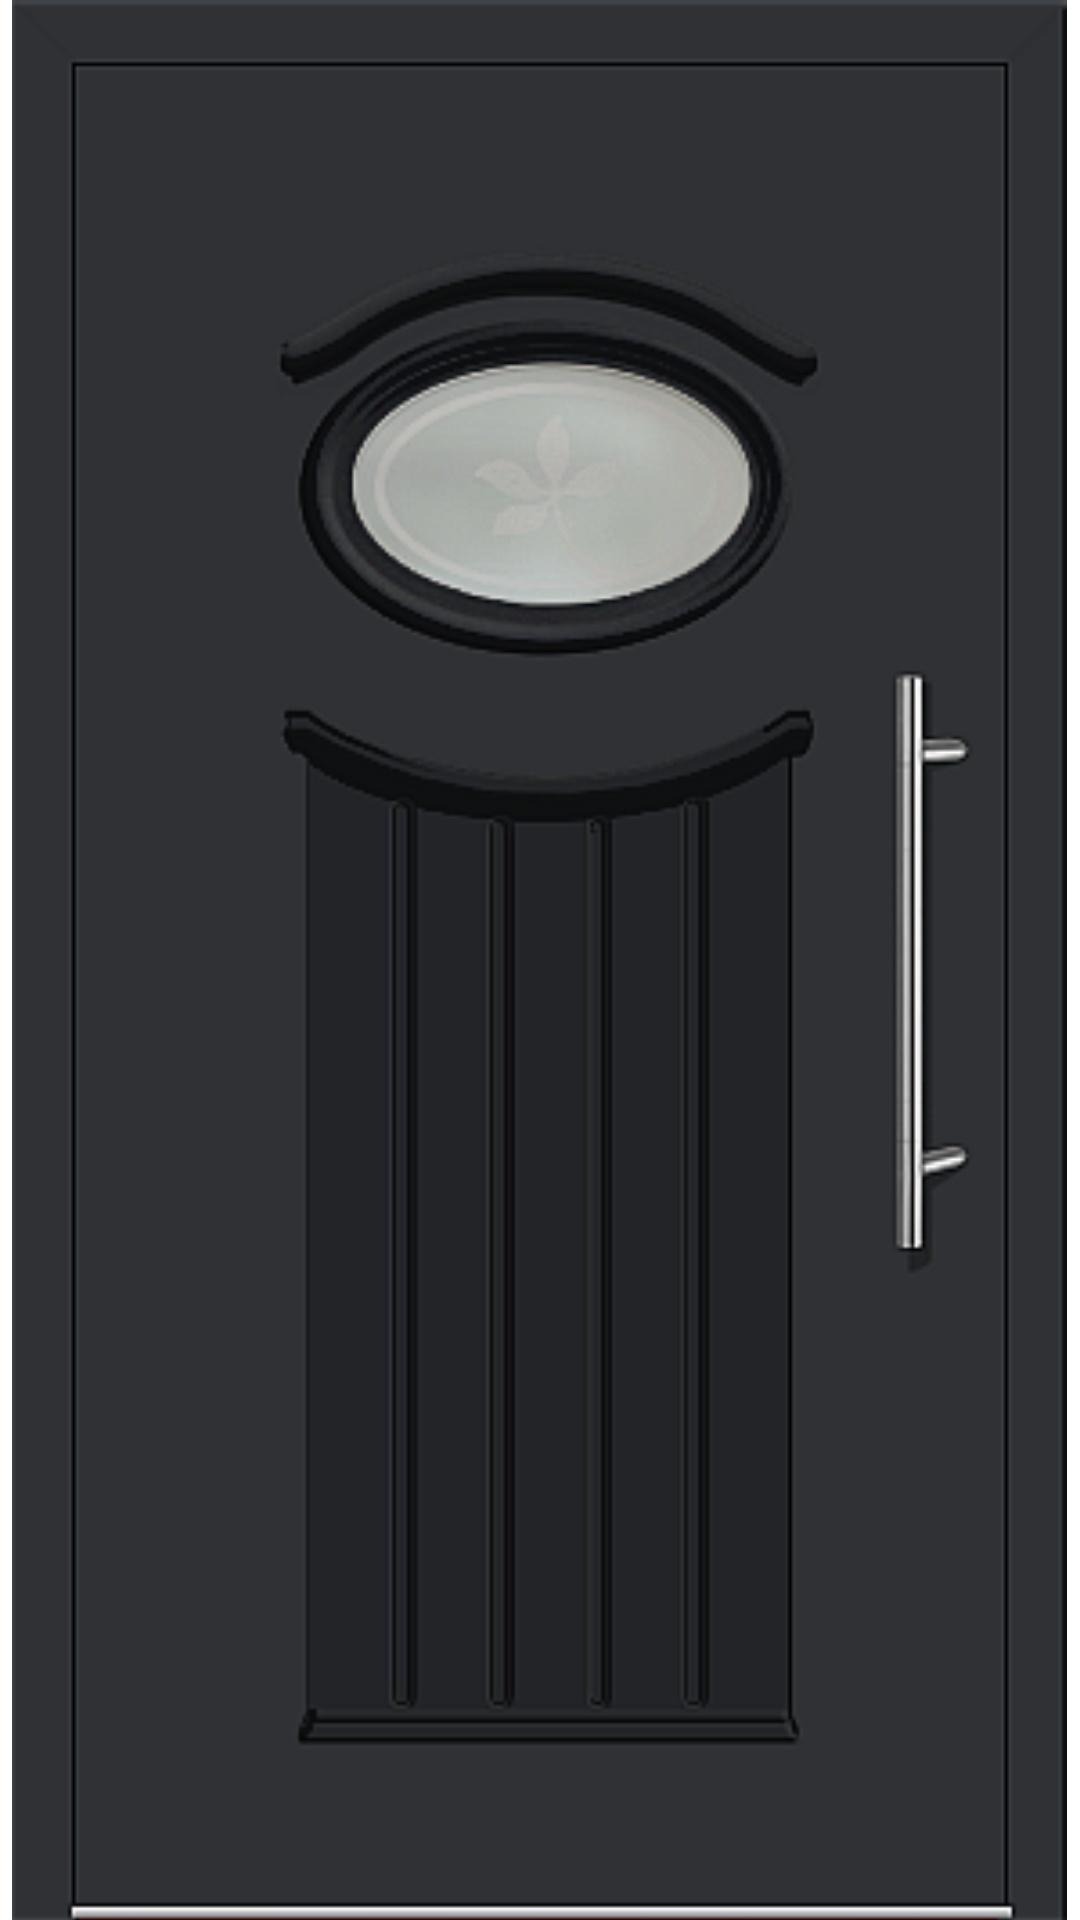 Kunststoff Haustür Modell 6447-11 schwarz